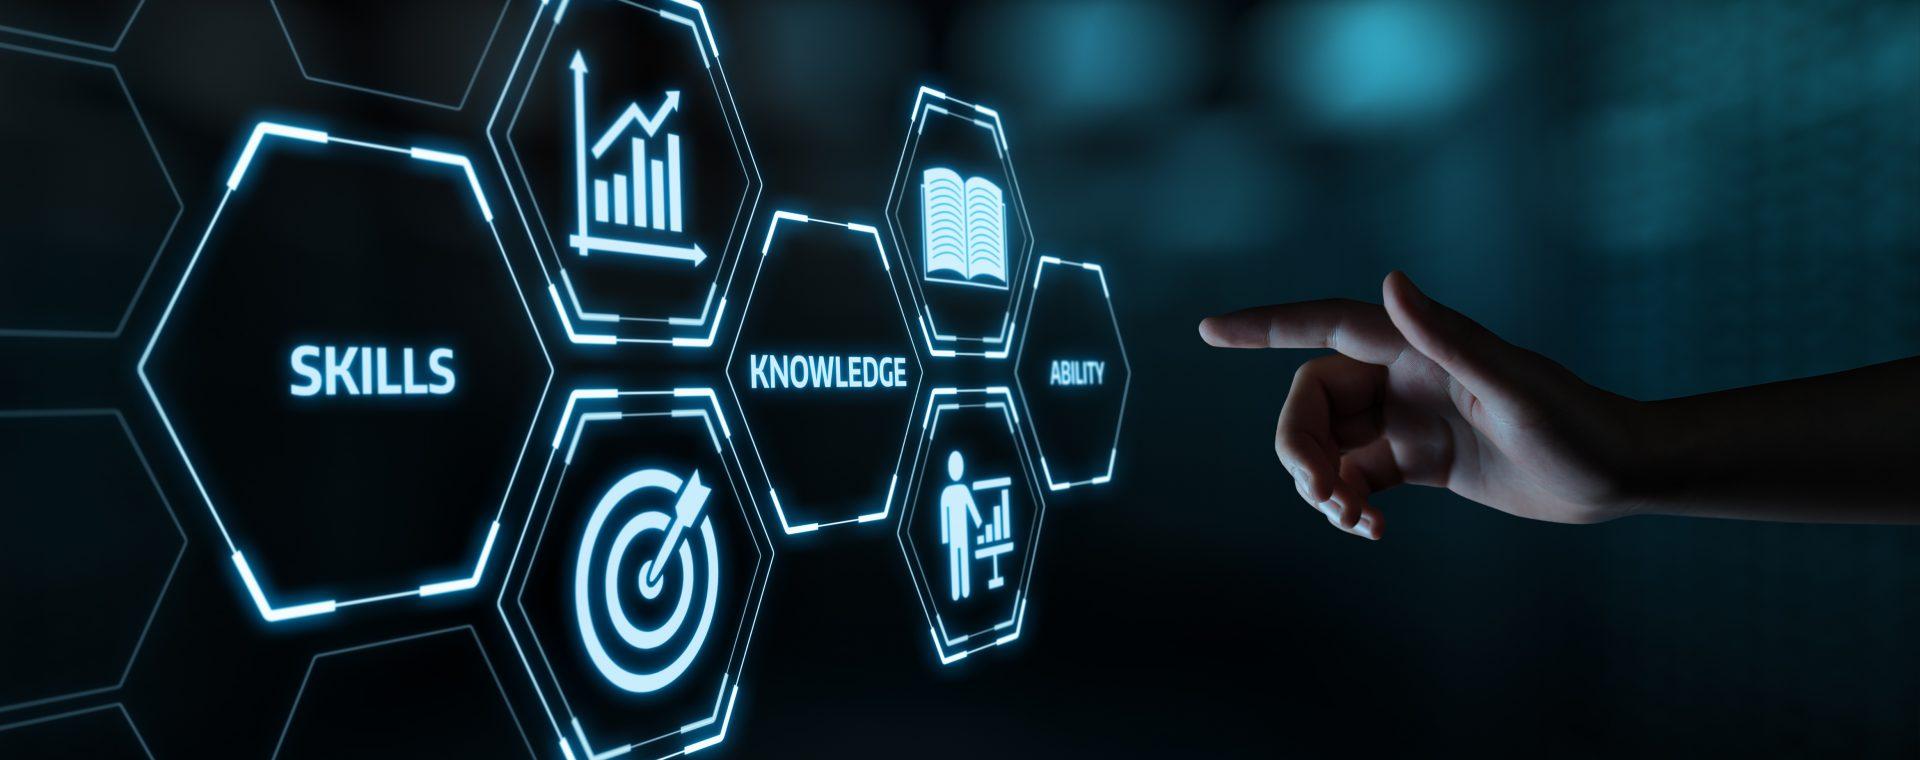 Immagine: Competenze digitali @work: il futuro è oggi